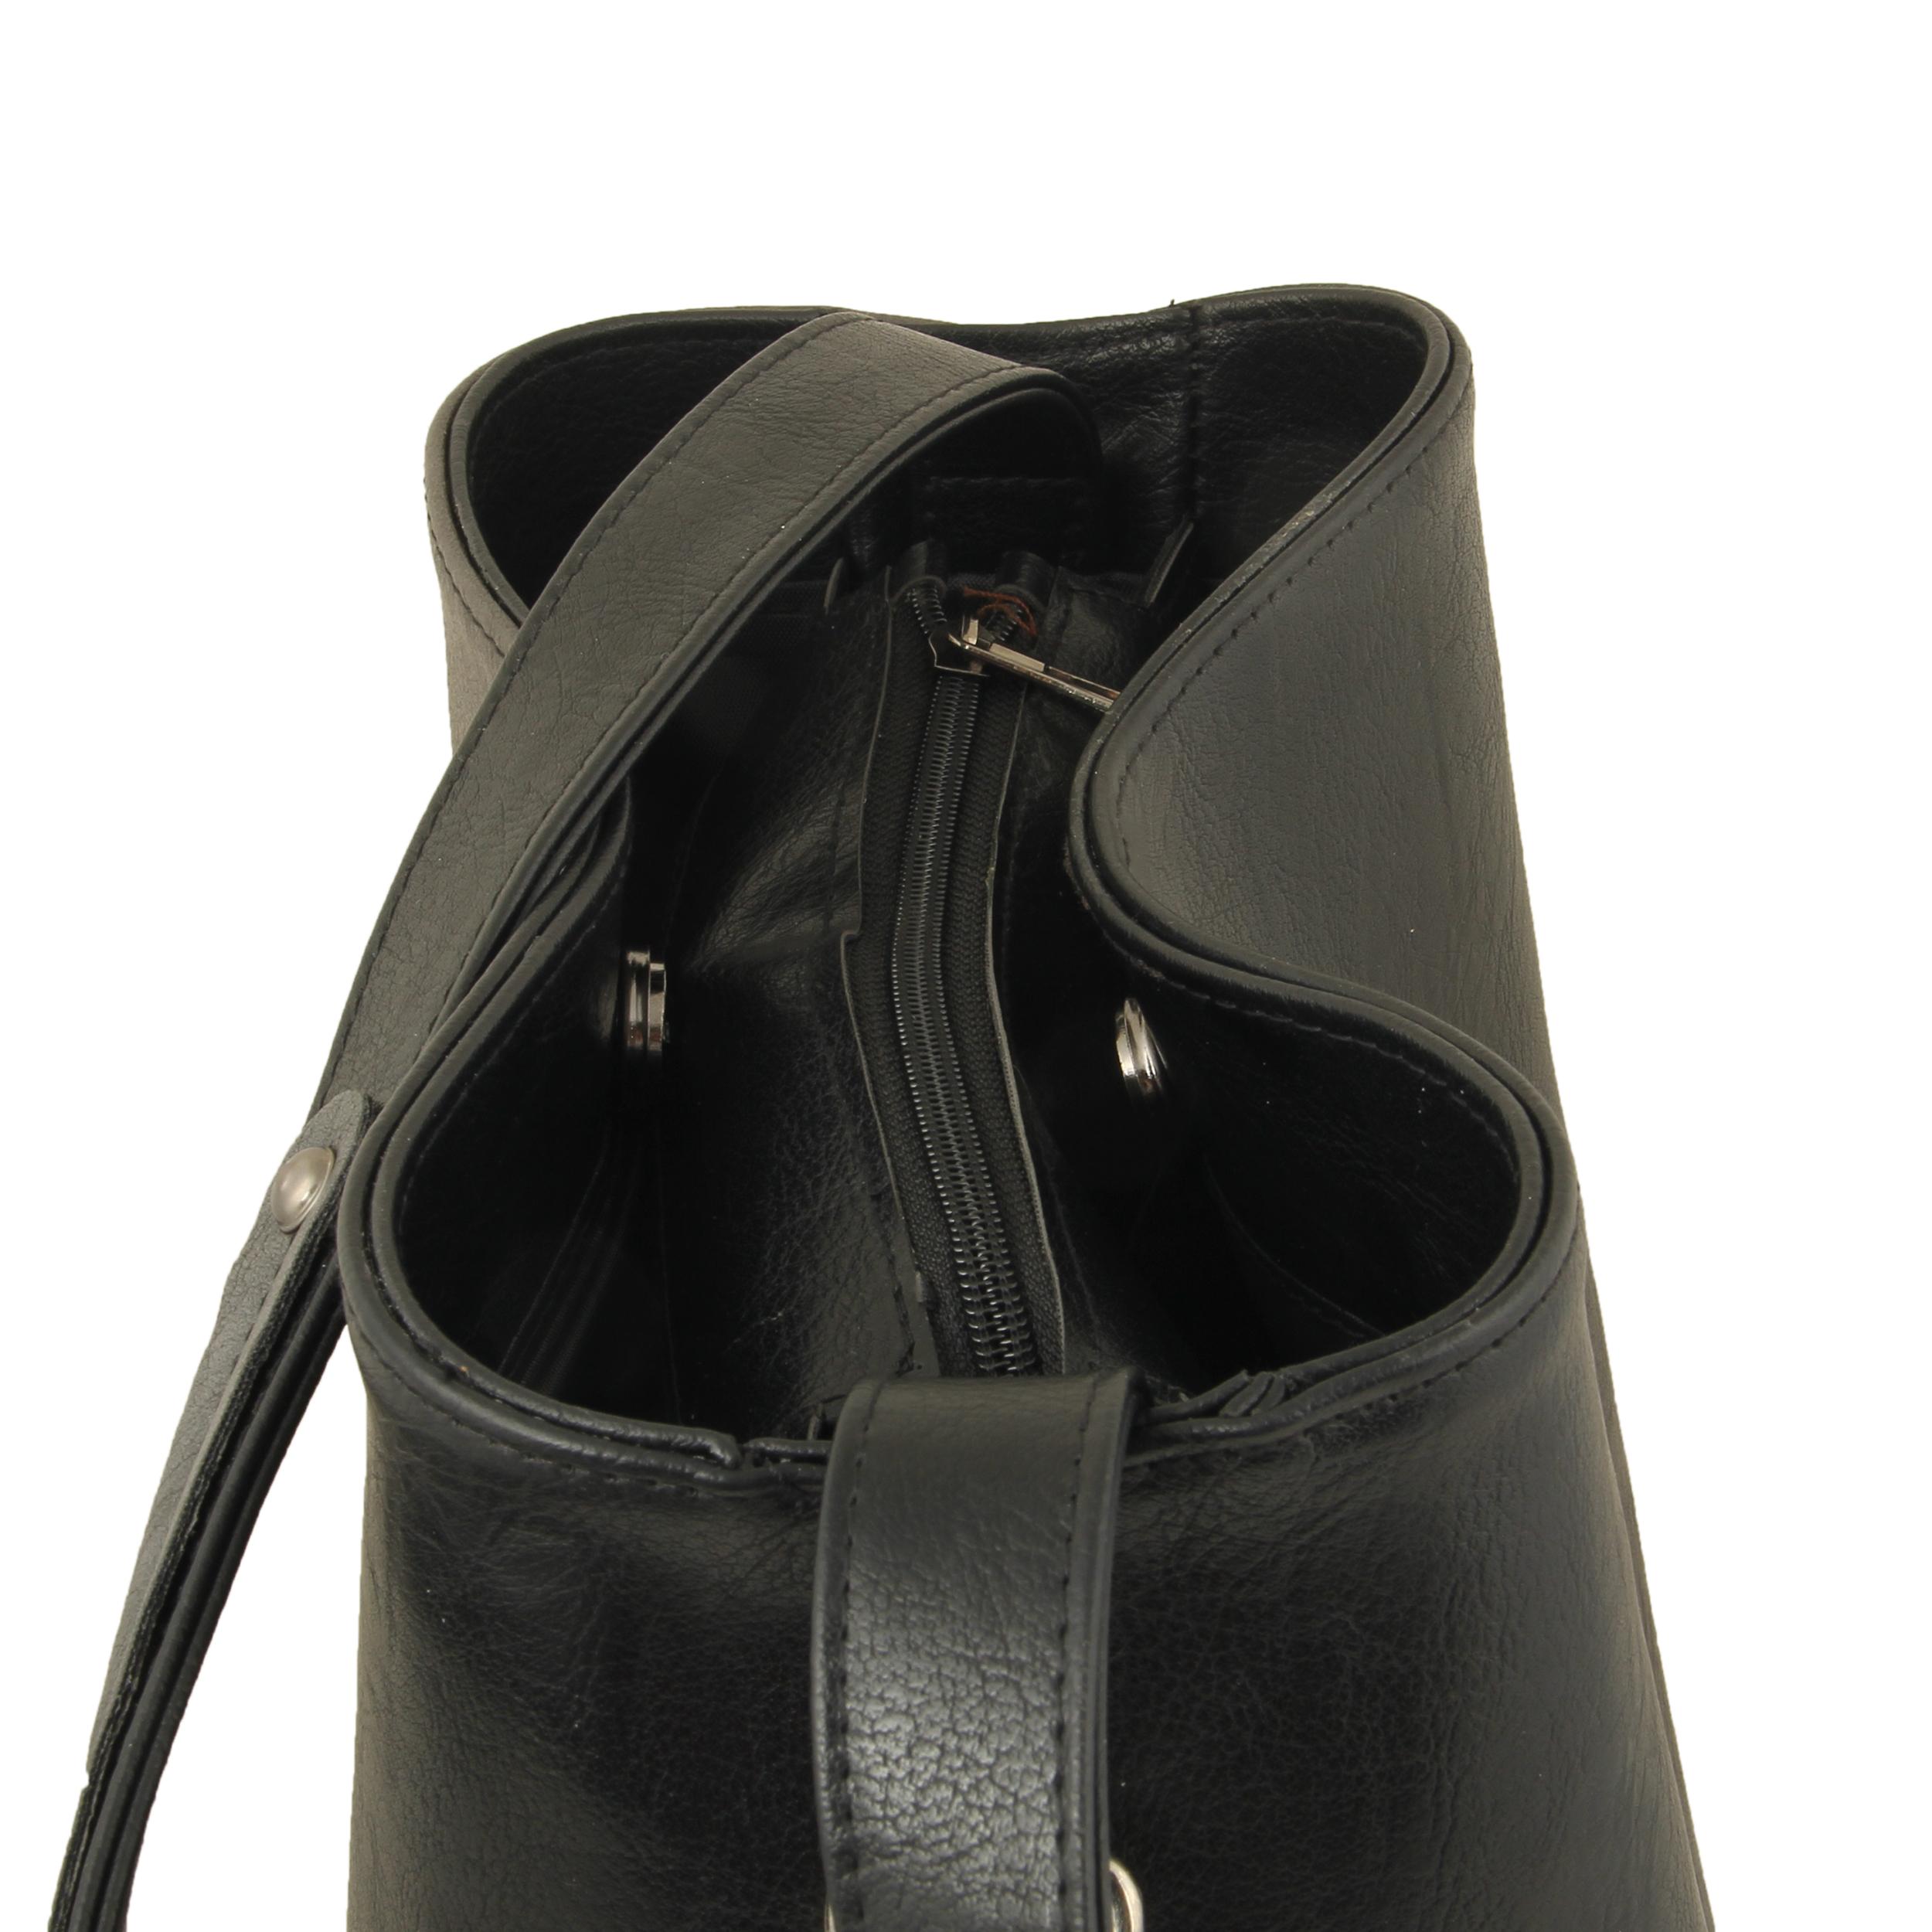 ست کیف و کفش زنانه BAB مدل ترنم کد 910-5 main 1 3